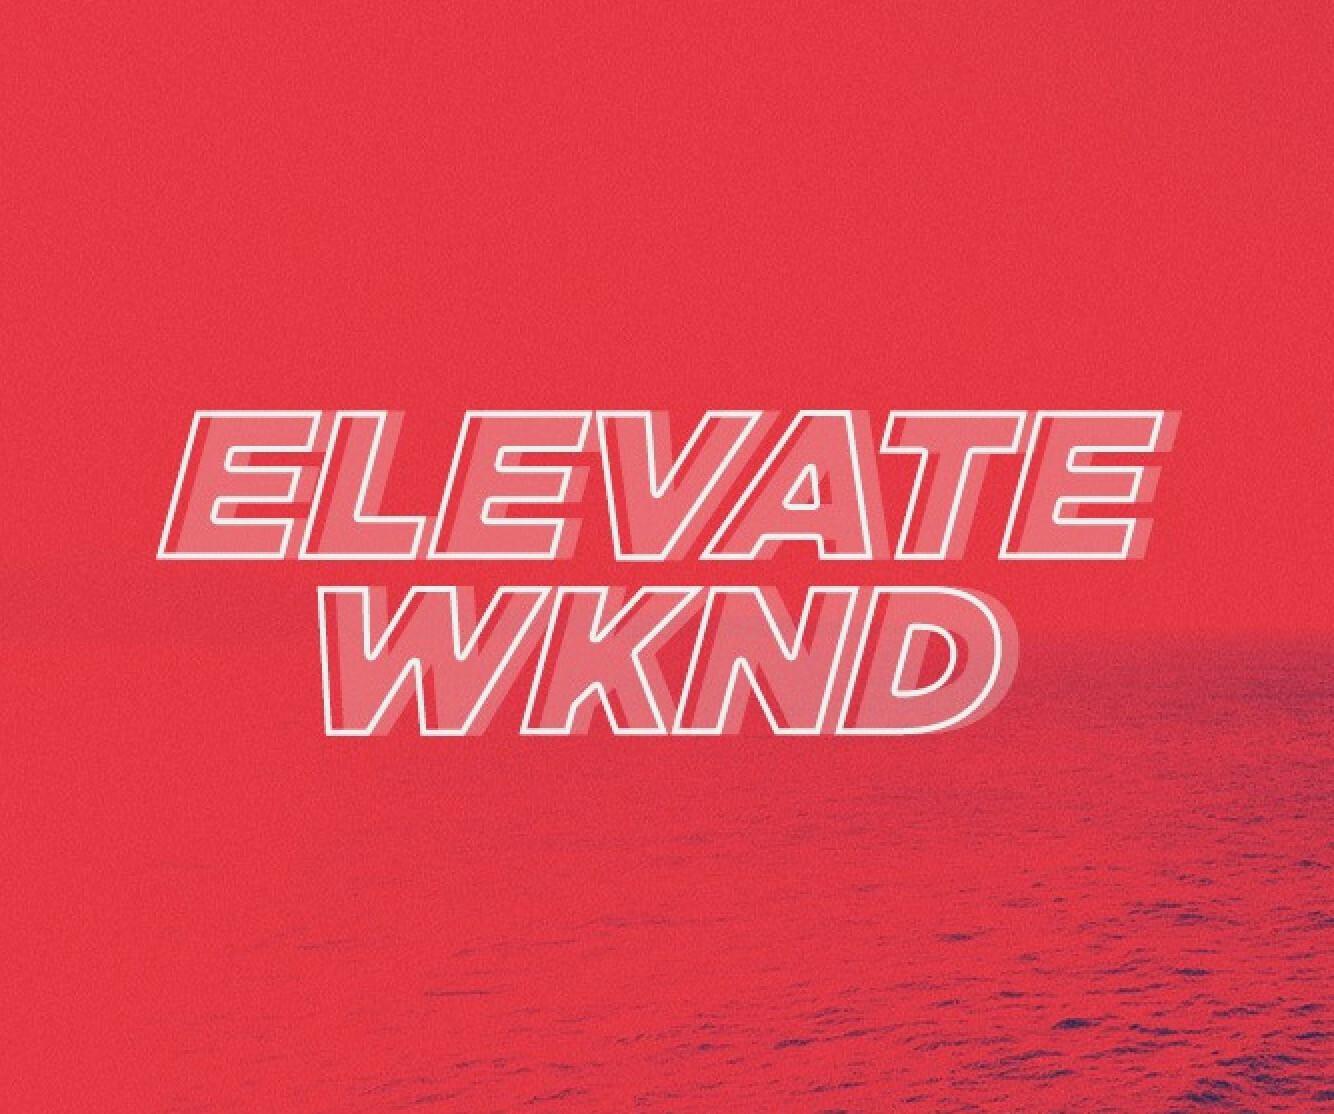 Elevate Weekend